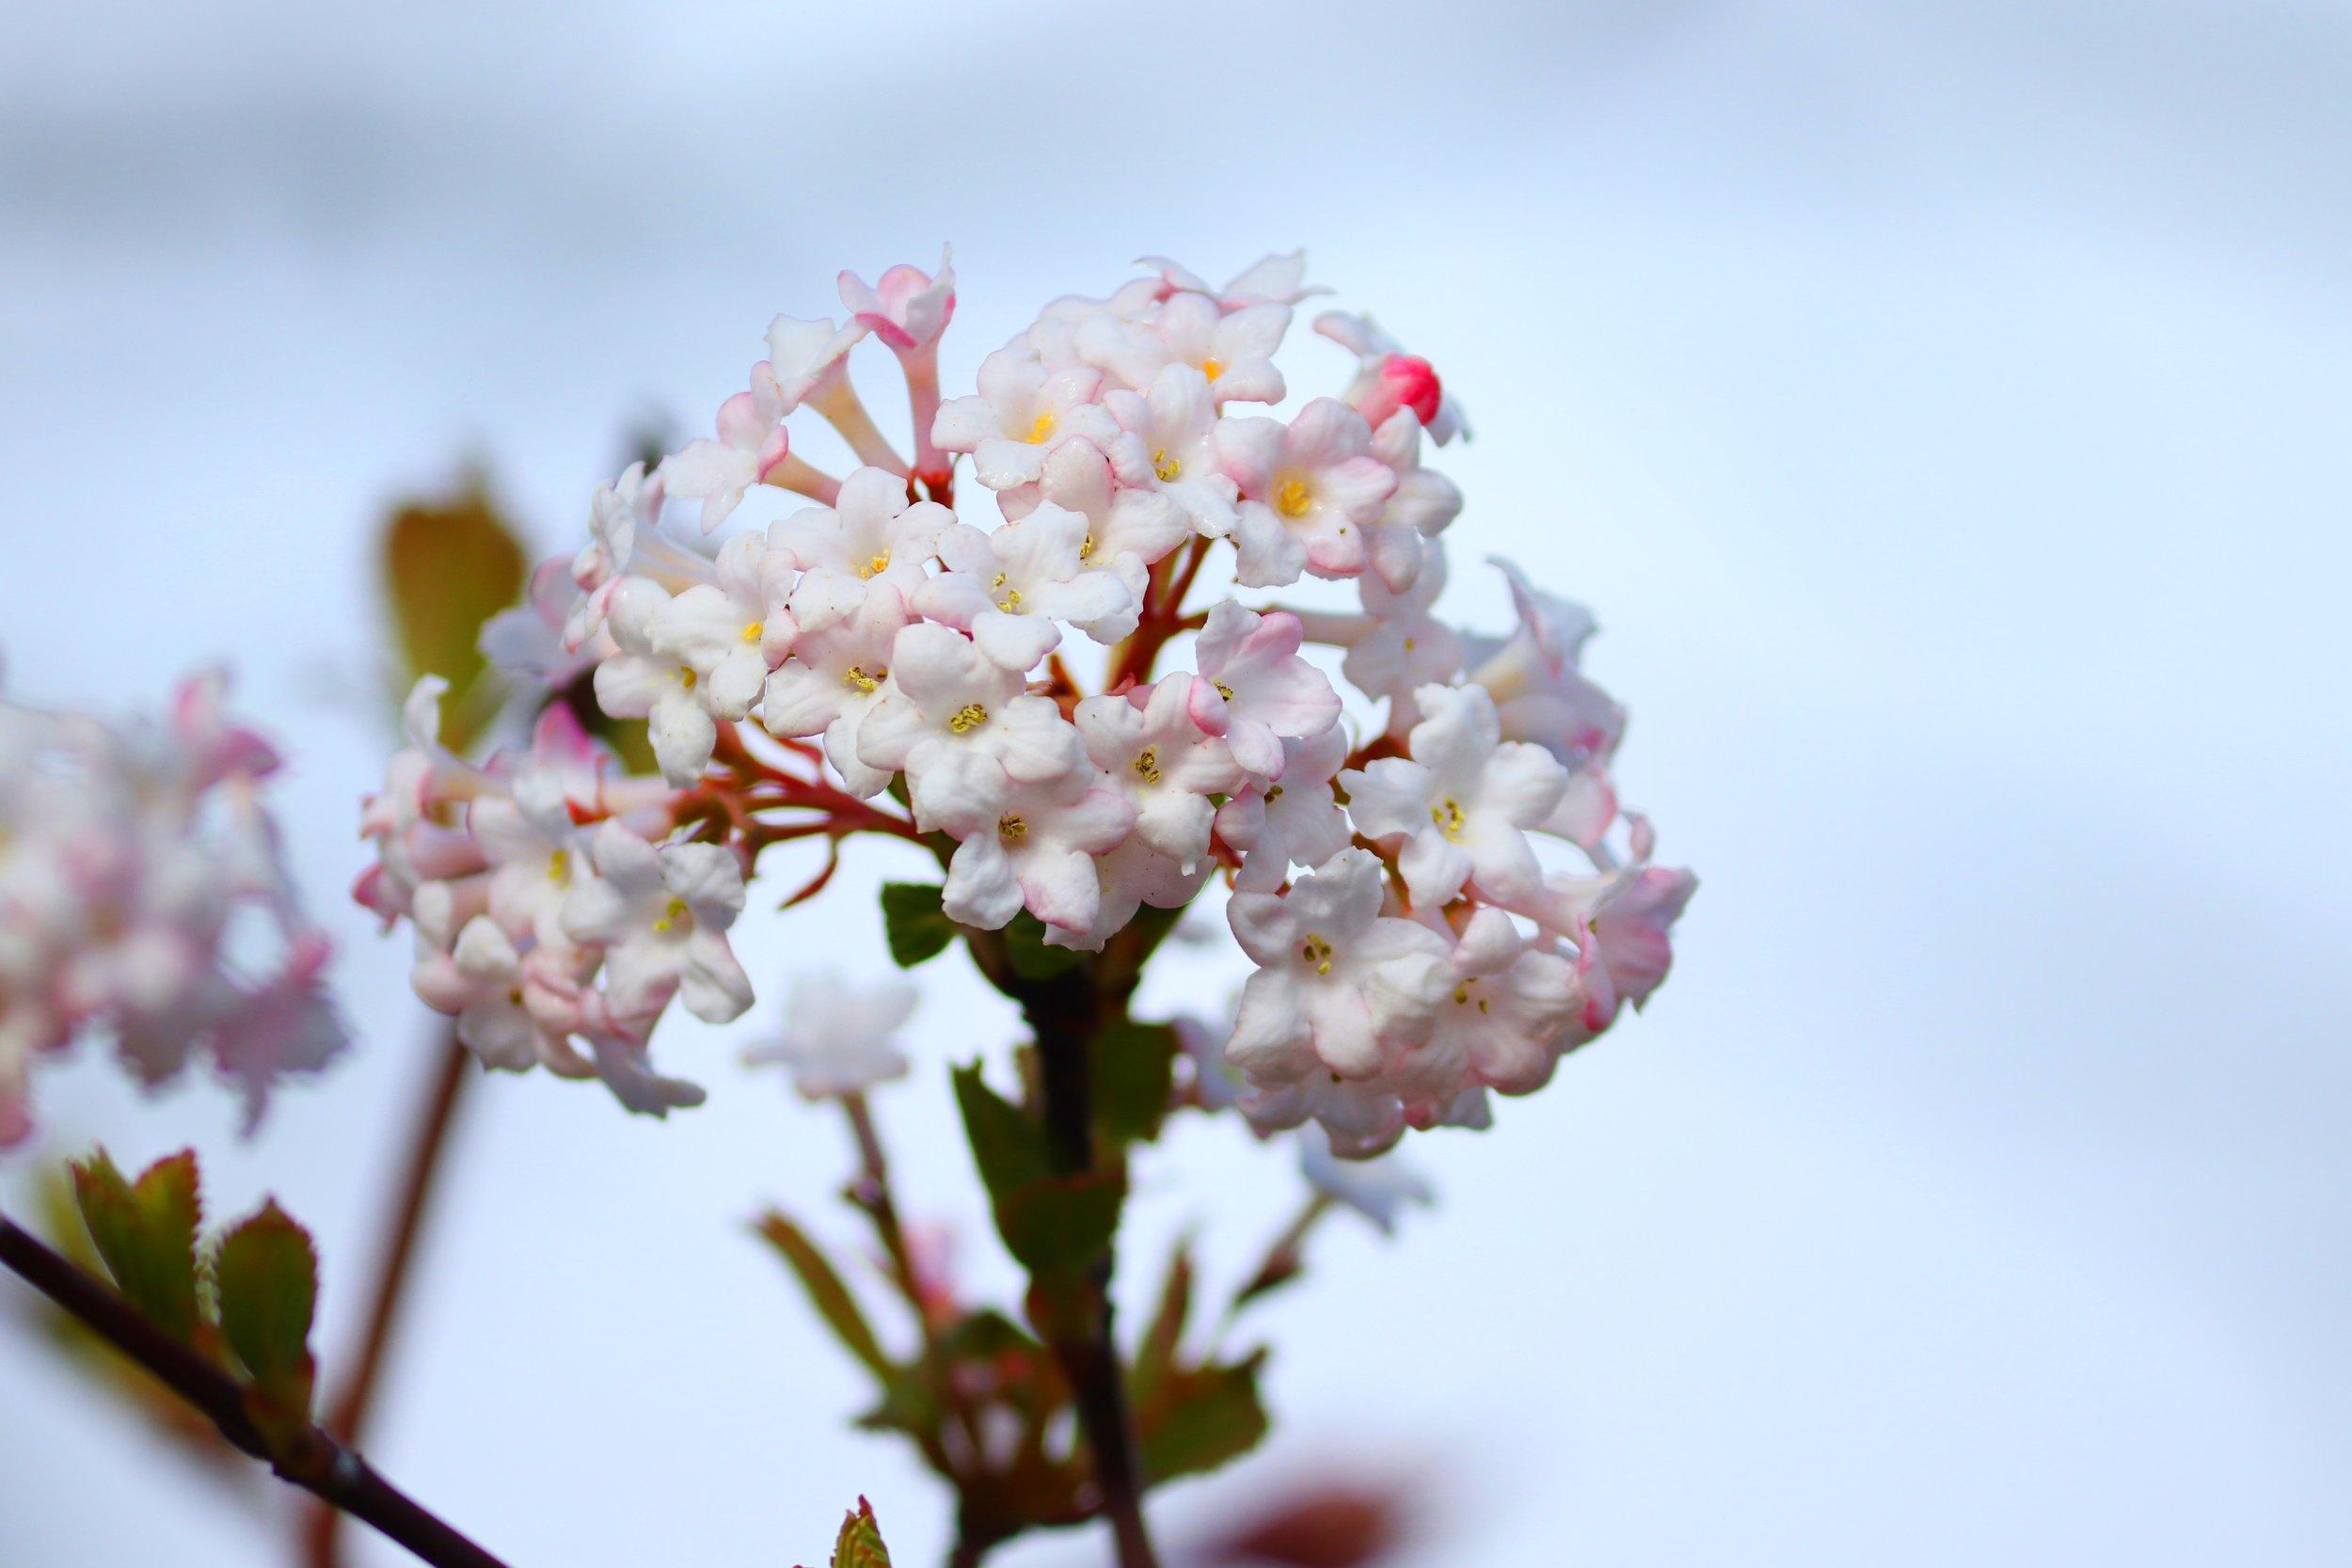 viburnum-flowers-4049280.jpg